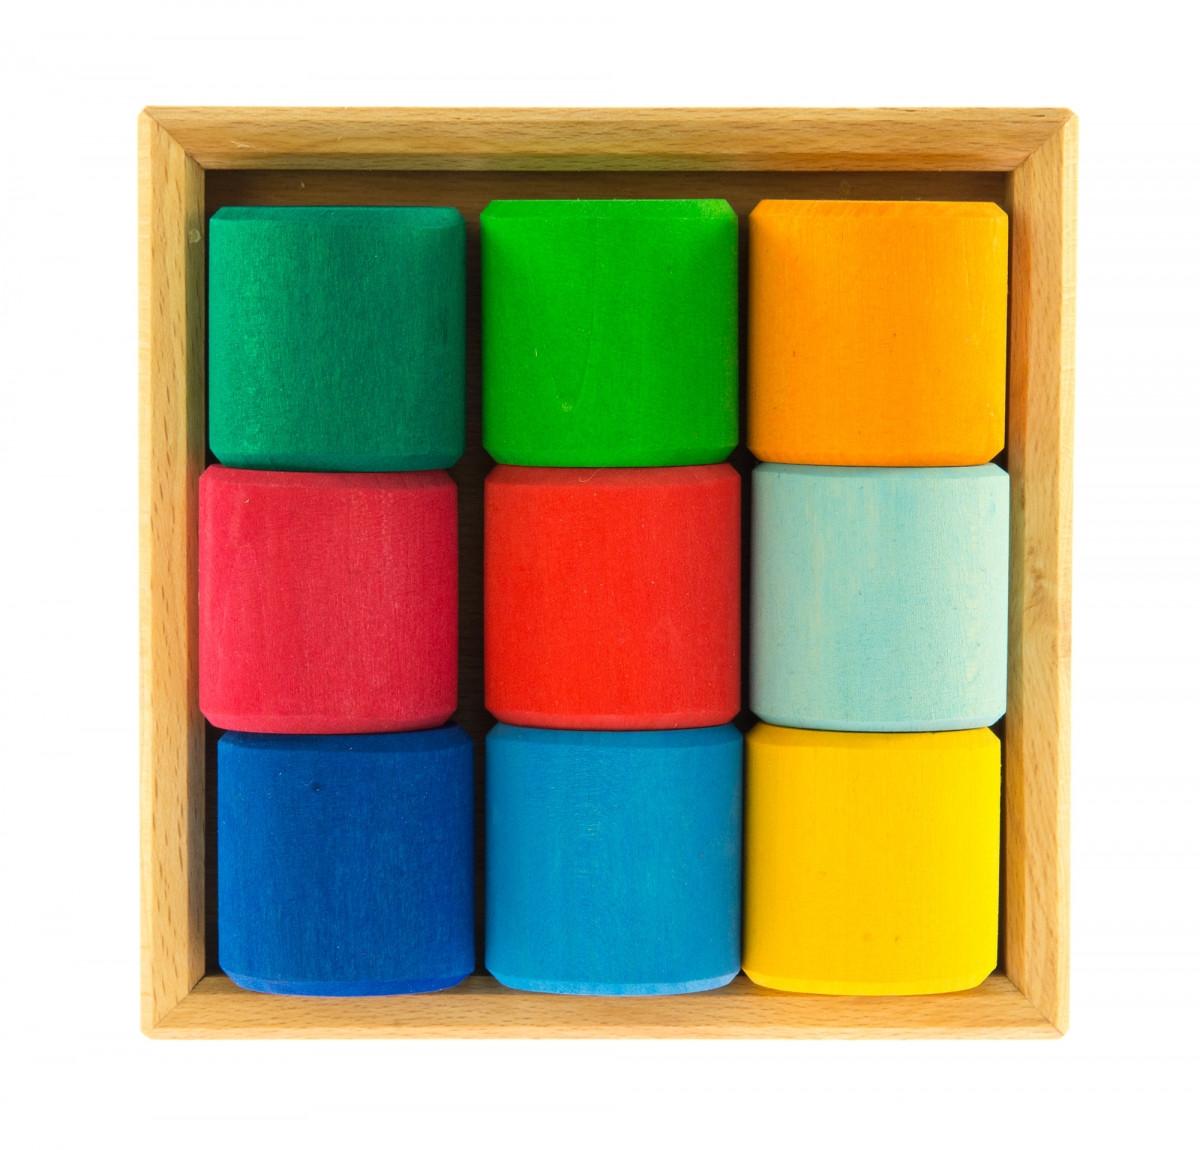 Разноцветный конструктор из дерева Разноцветный ролик NIC523347